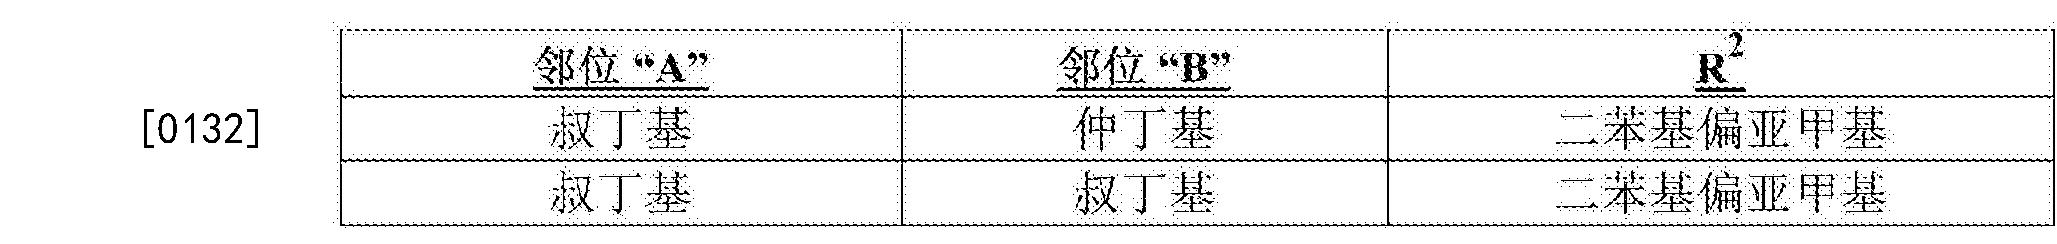 Figure CN104582671BD00301